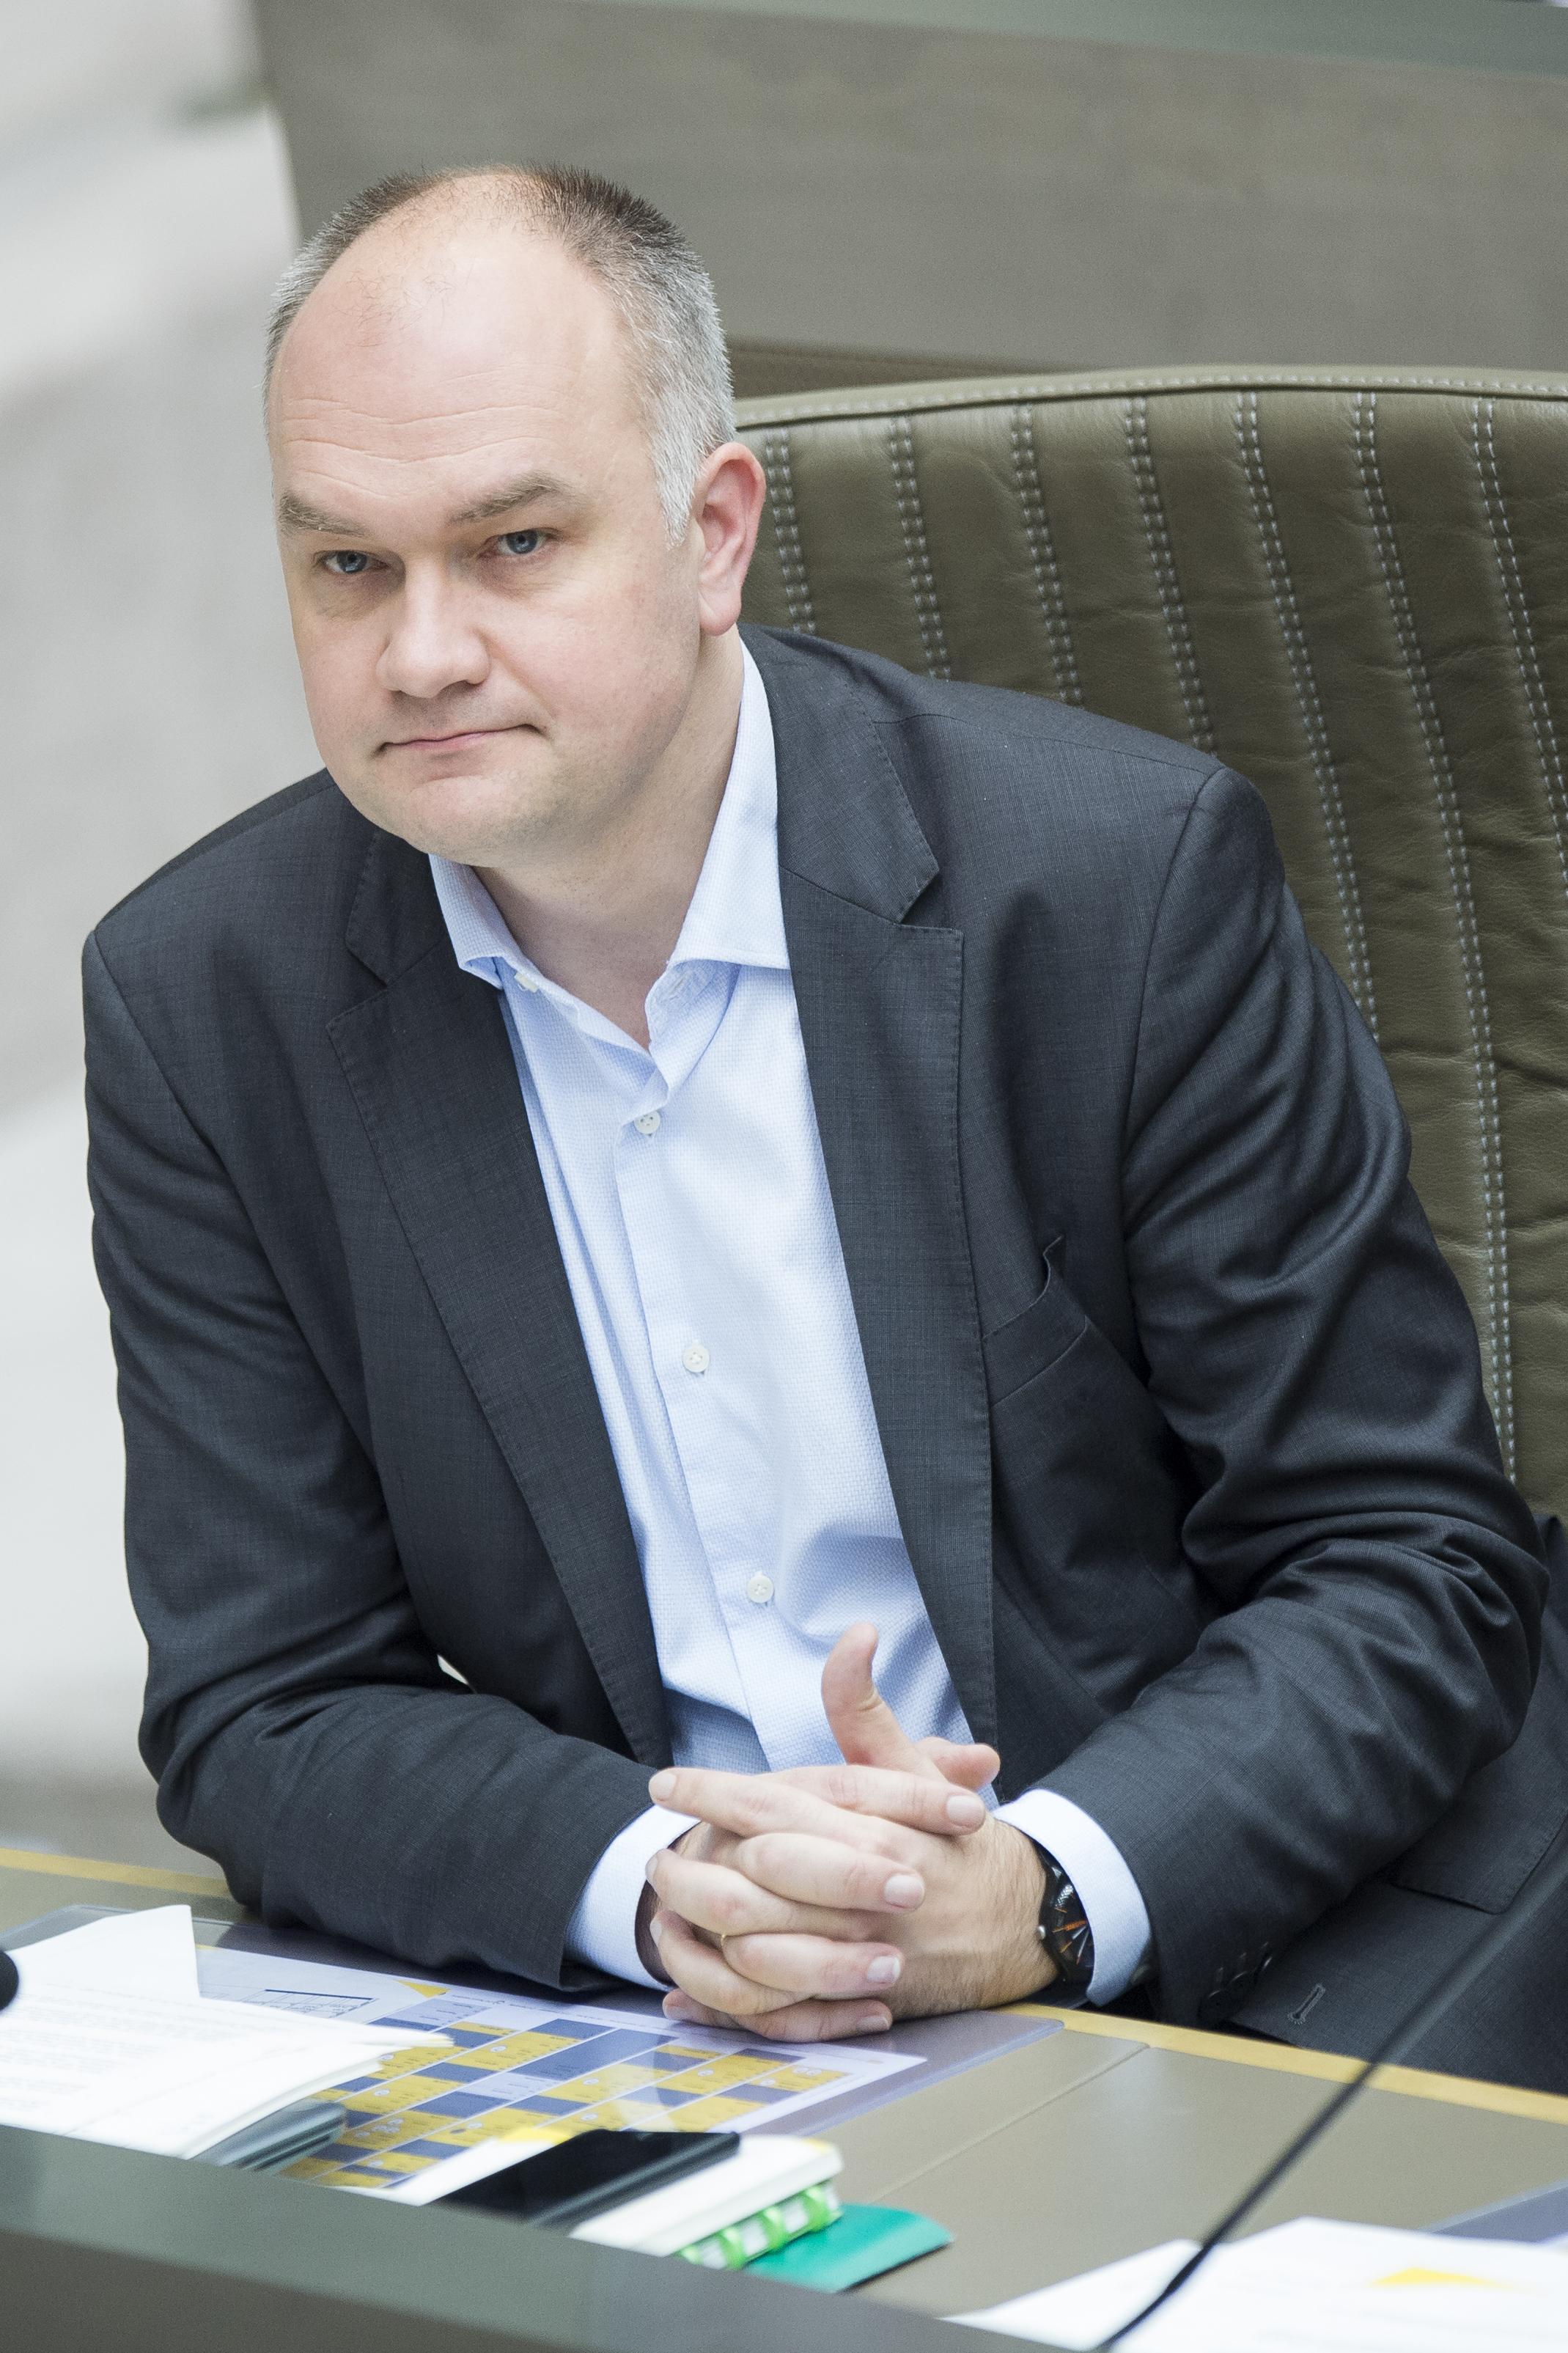 """Björn Rzoska over de begroting: """"Moest dit allemaal onder Di Rupo gebeuren, de N-VA schreeuwde moord en brand. Zij hebben veel te hoog ingezet in hun campagne en gaan nu flagrant onderuit."""" (foto Bob Reijnders)"""